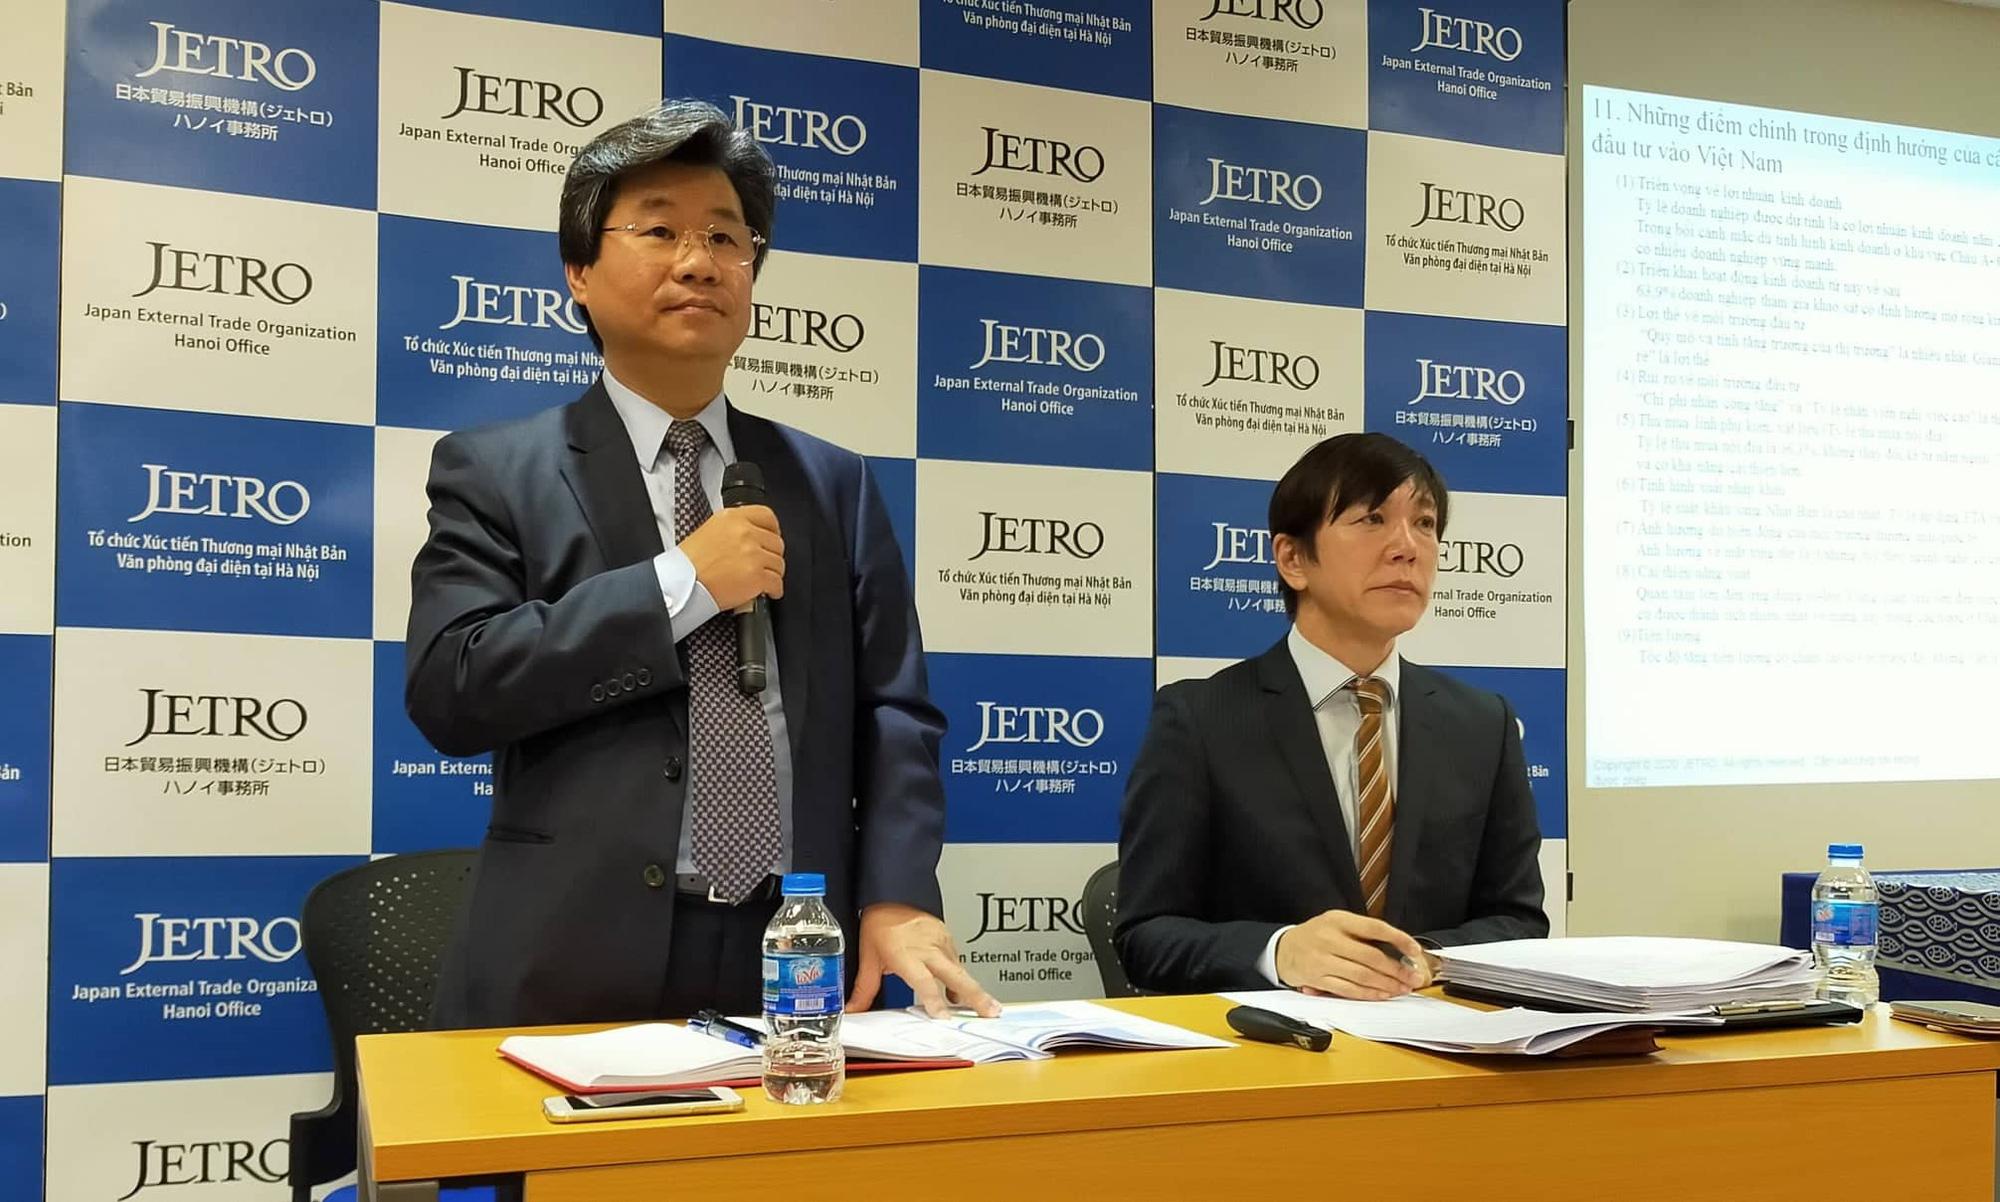 Gần 64% doanh nghiệp Nhật Bản muốn mở rộng kinh doanh ở Việt Nam - Báo  Người lao động